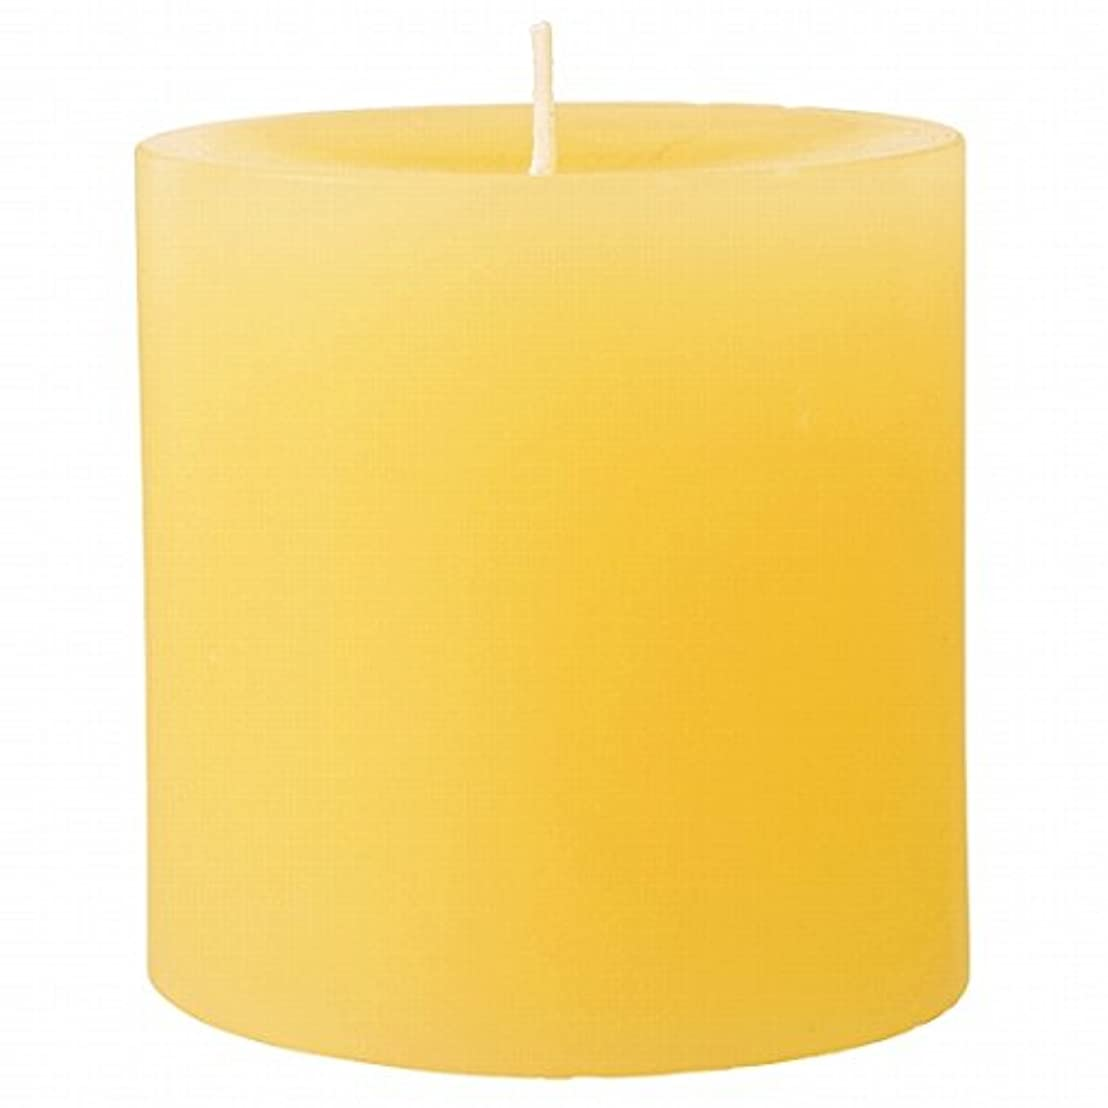 寺院連隊隣接するカメヤマキャンドル(kameyama candle) 75×75ピラーキャンドル 「 アイボリー 」